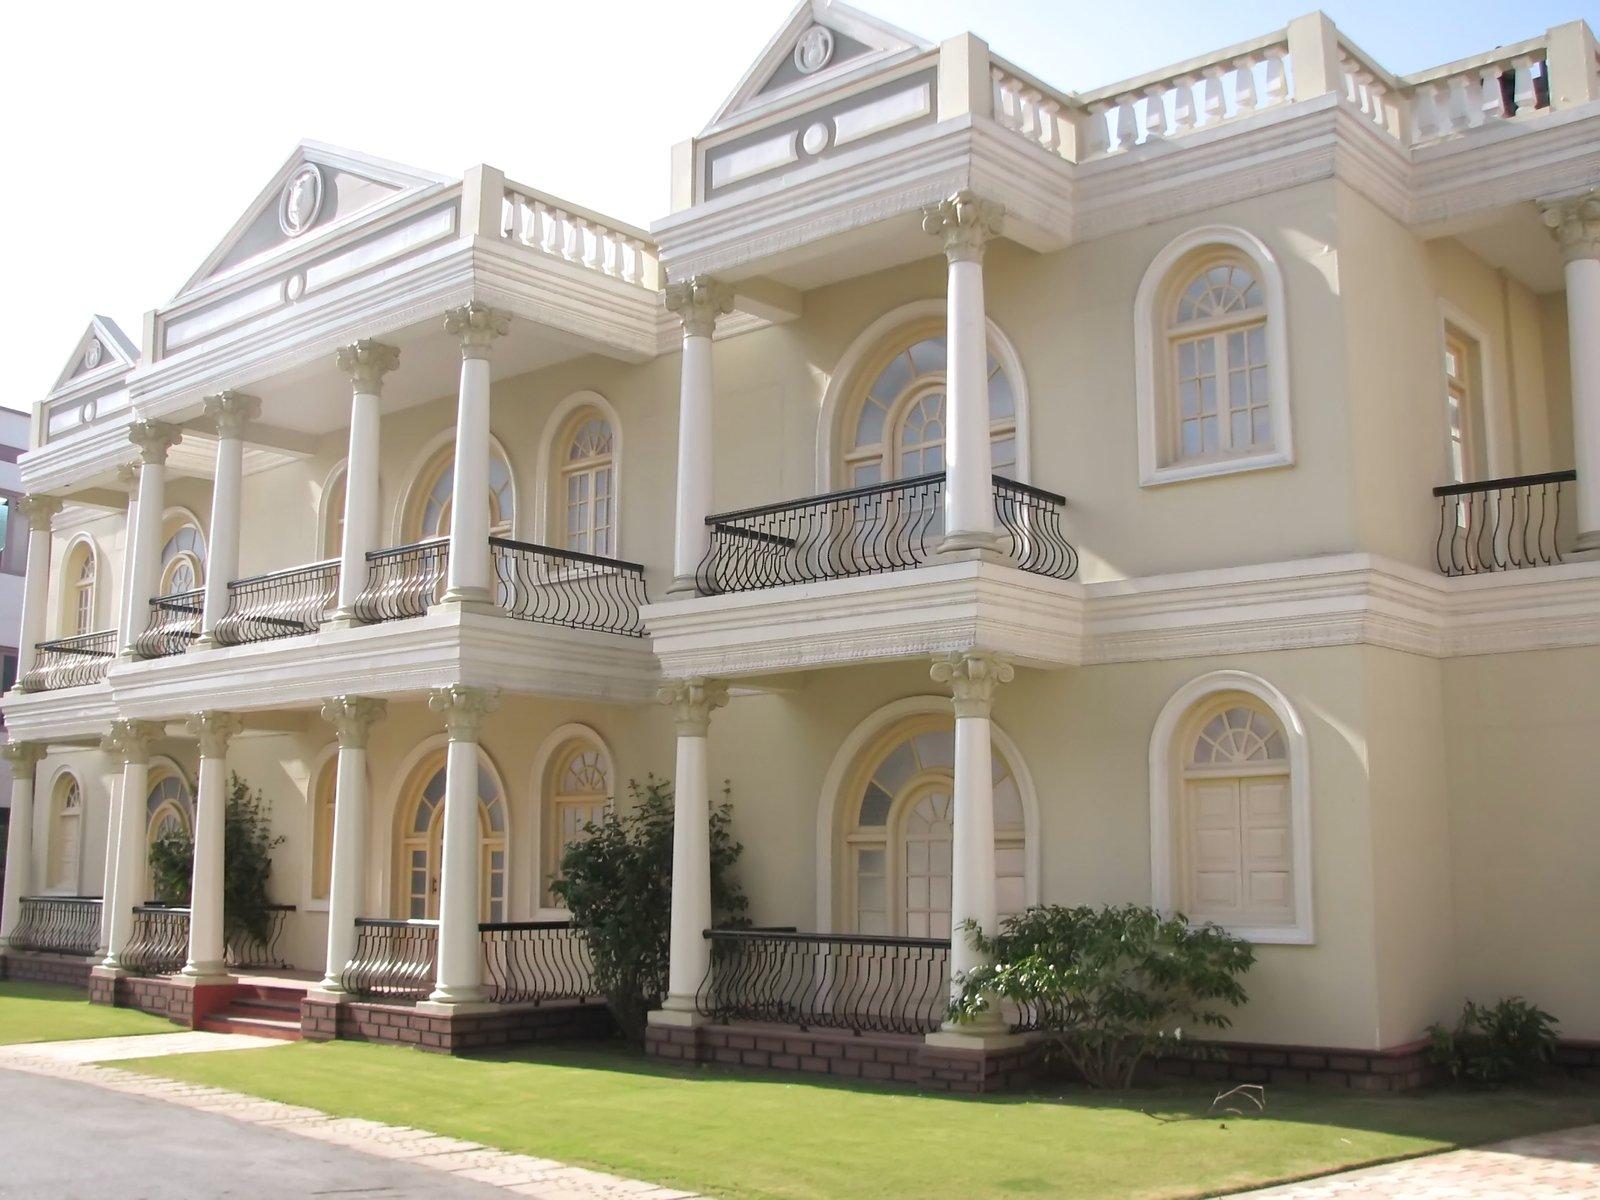 Grote villa gratis fotobestanden 1213109 for Grote villa